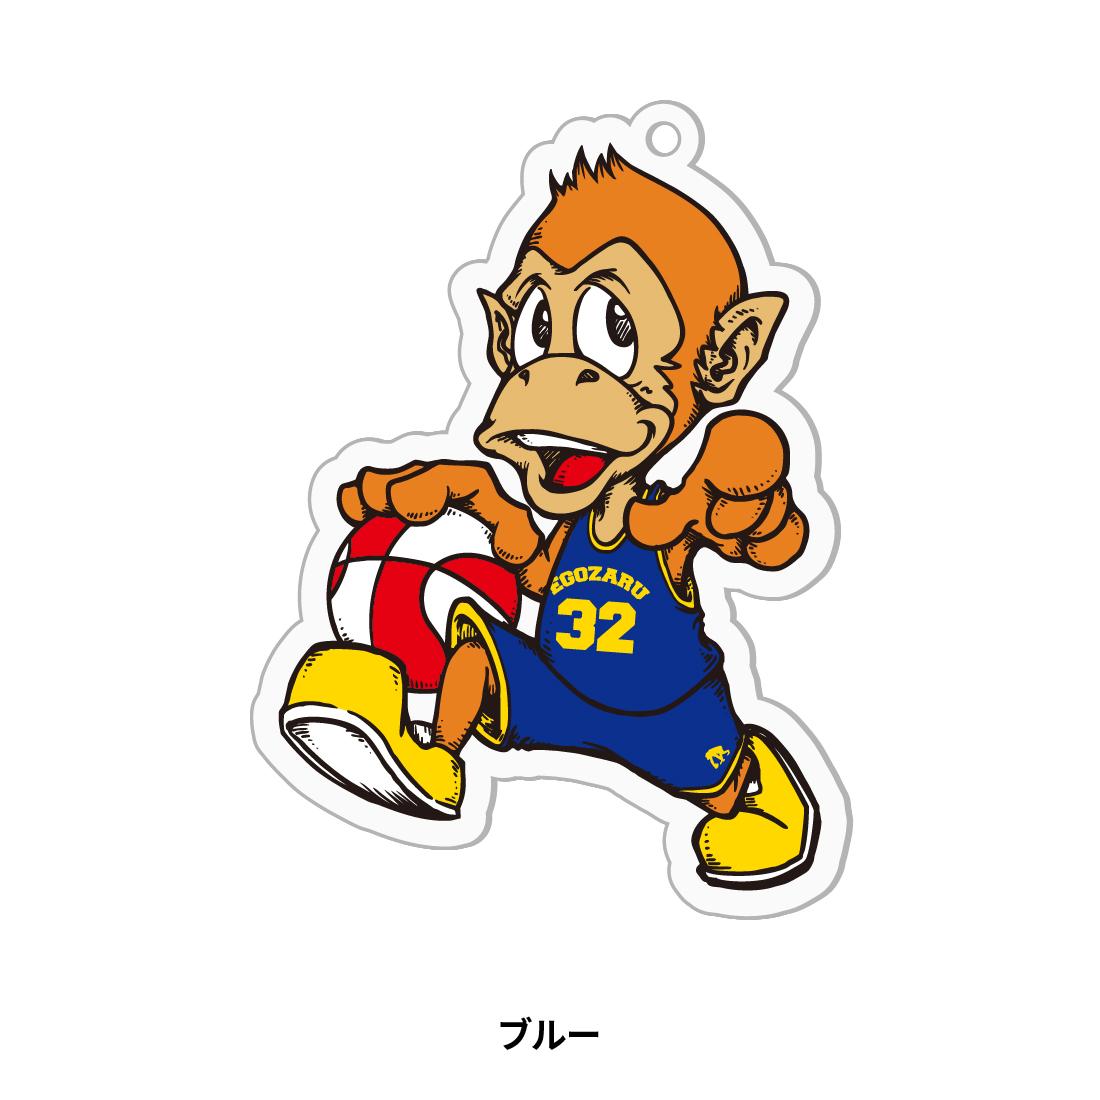 【第51回全ミニ限定】アクリルキャラクターキーホルダー ブルー